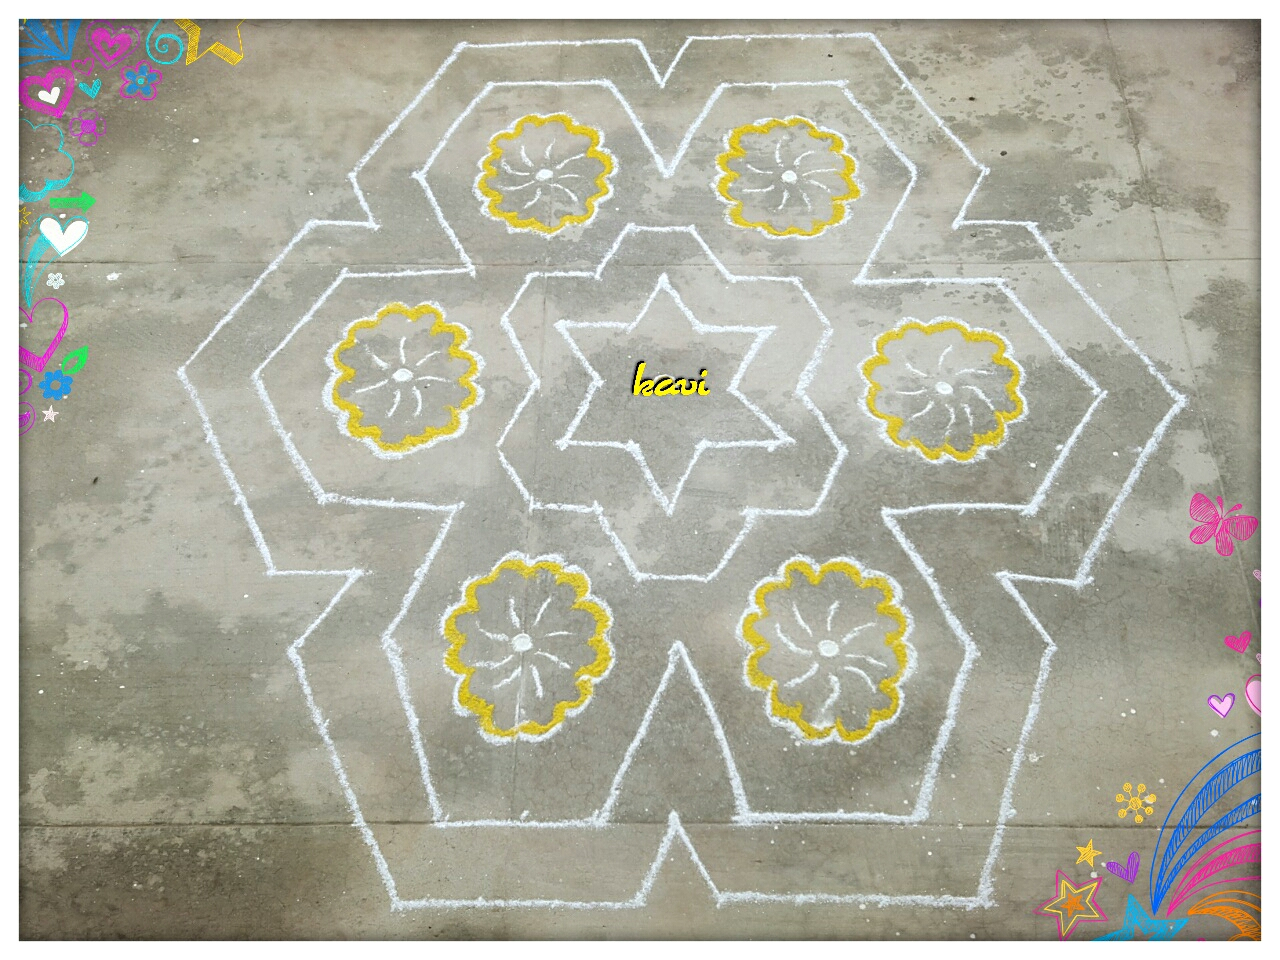 15 dots kolam, Big Kolam, colour kolam, MSimple flower kolam in 15 dots